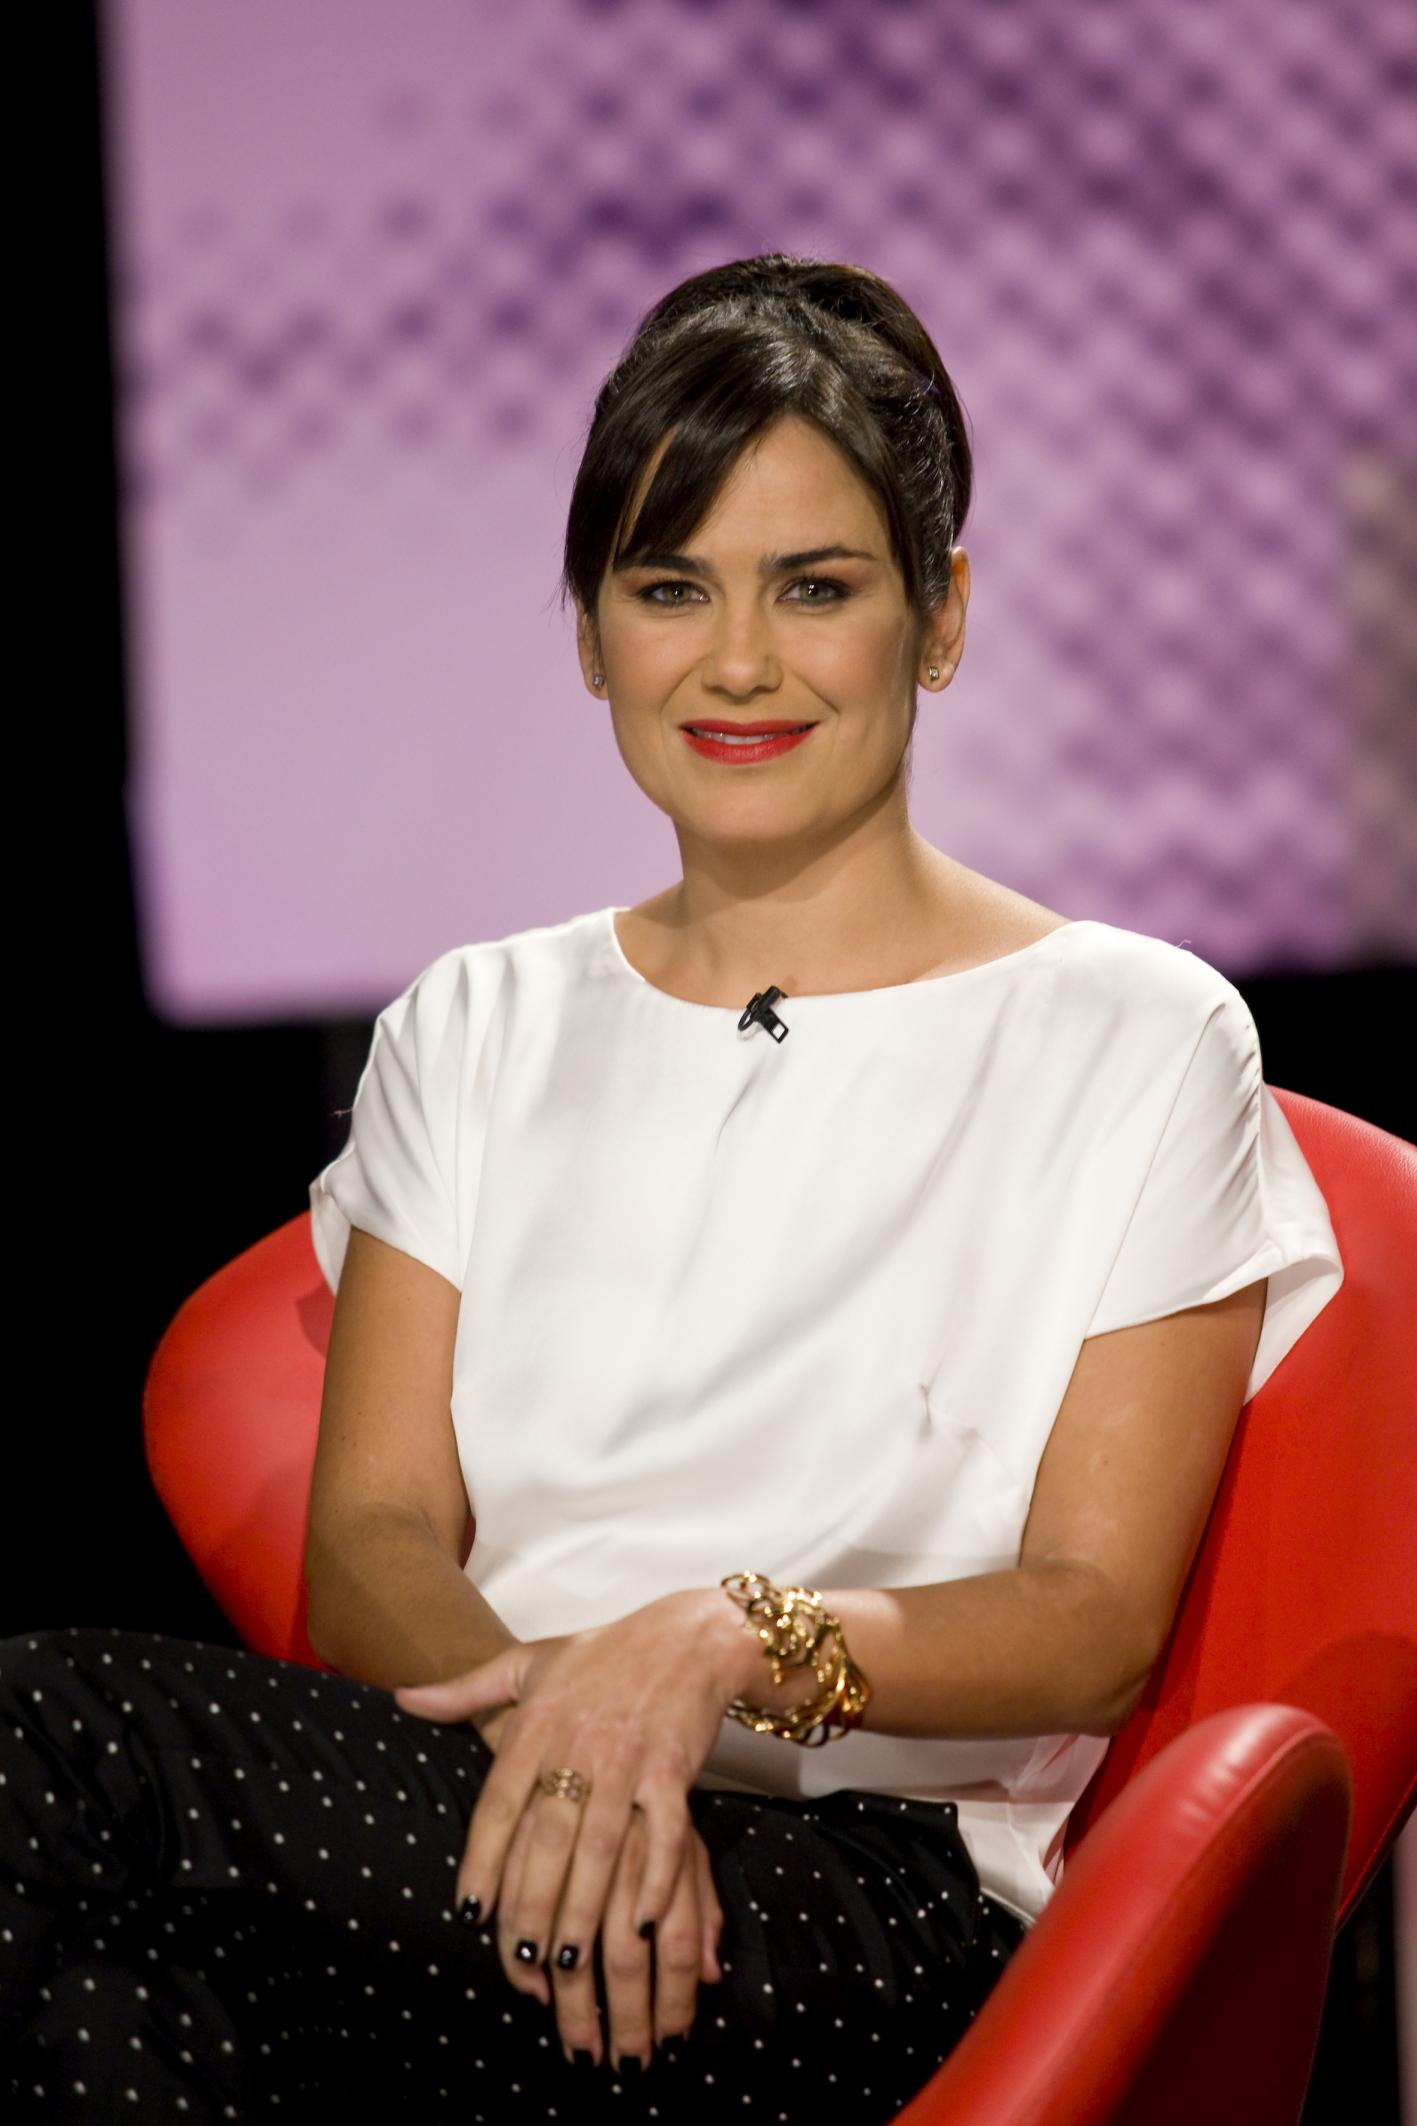 Melena de León & TVE